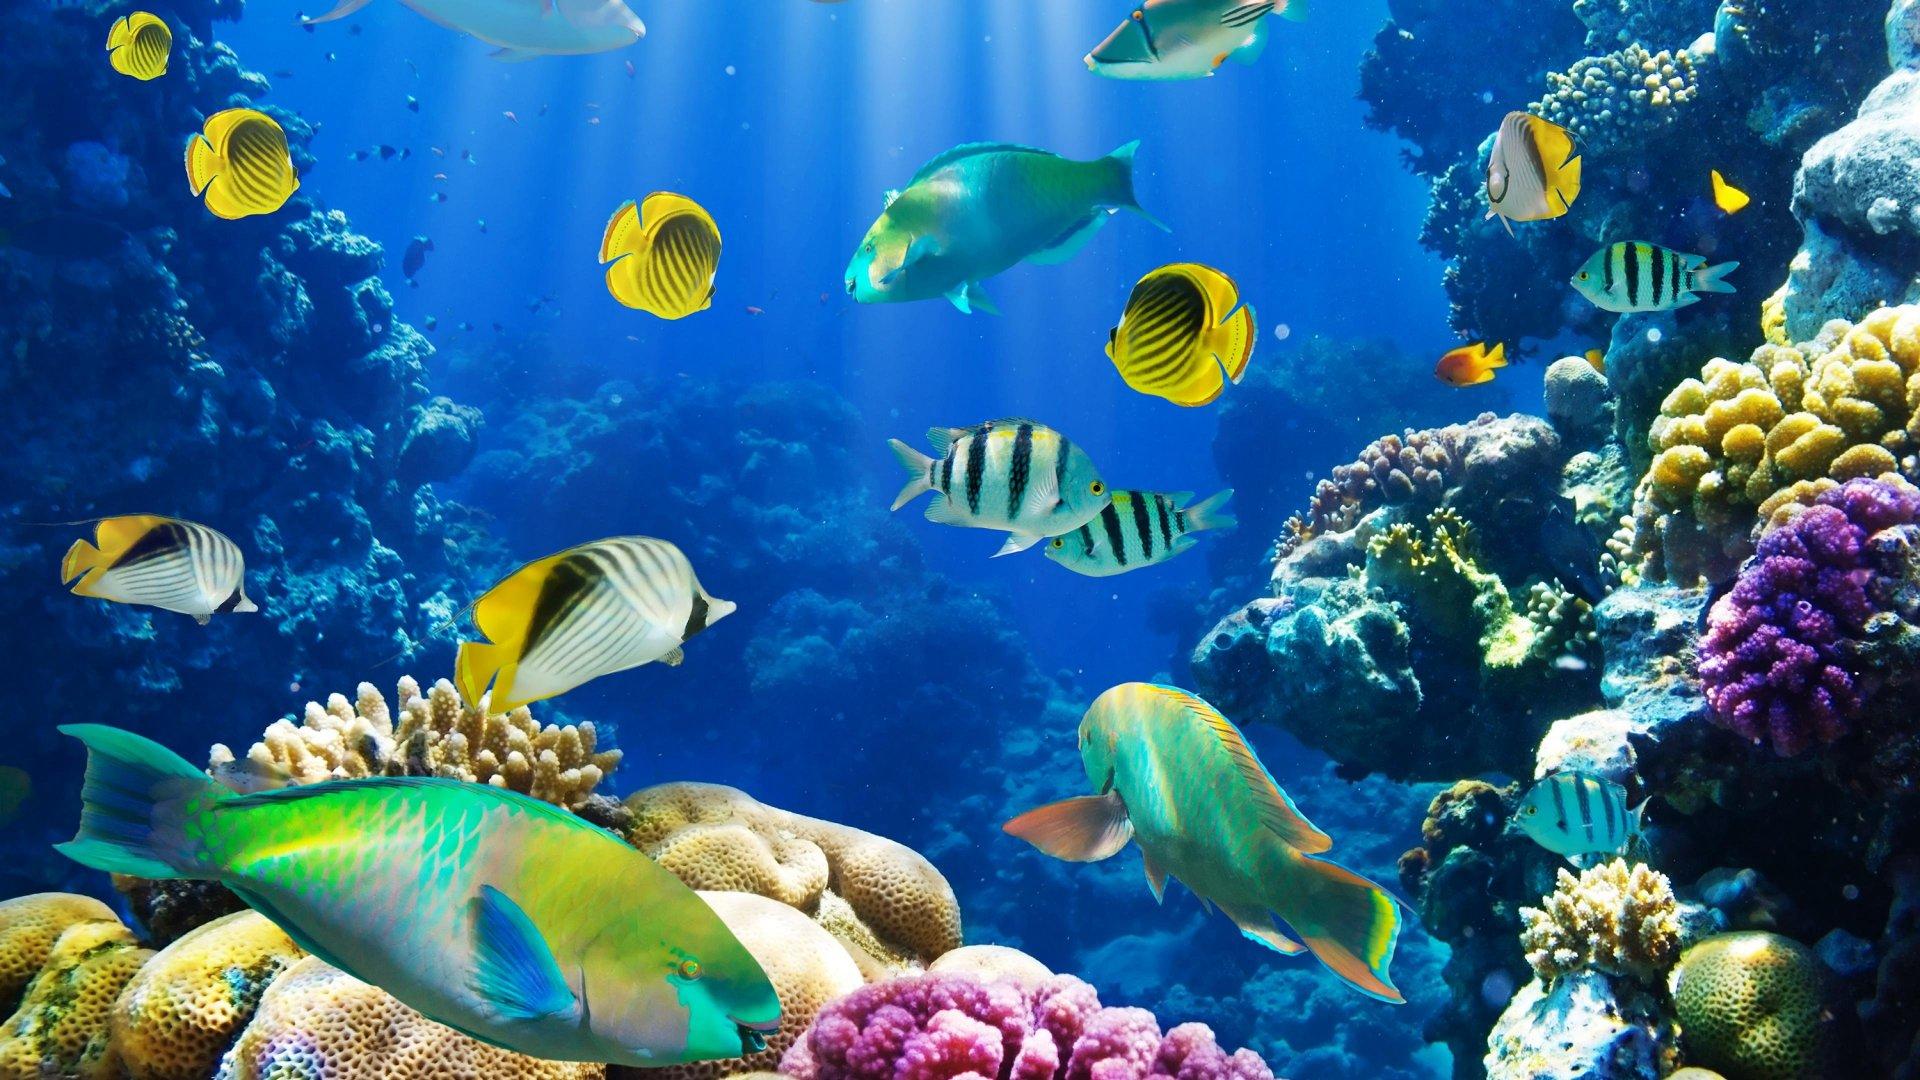 Sea Turtles Swimming In Seaworld